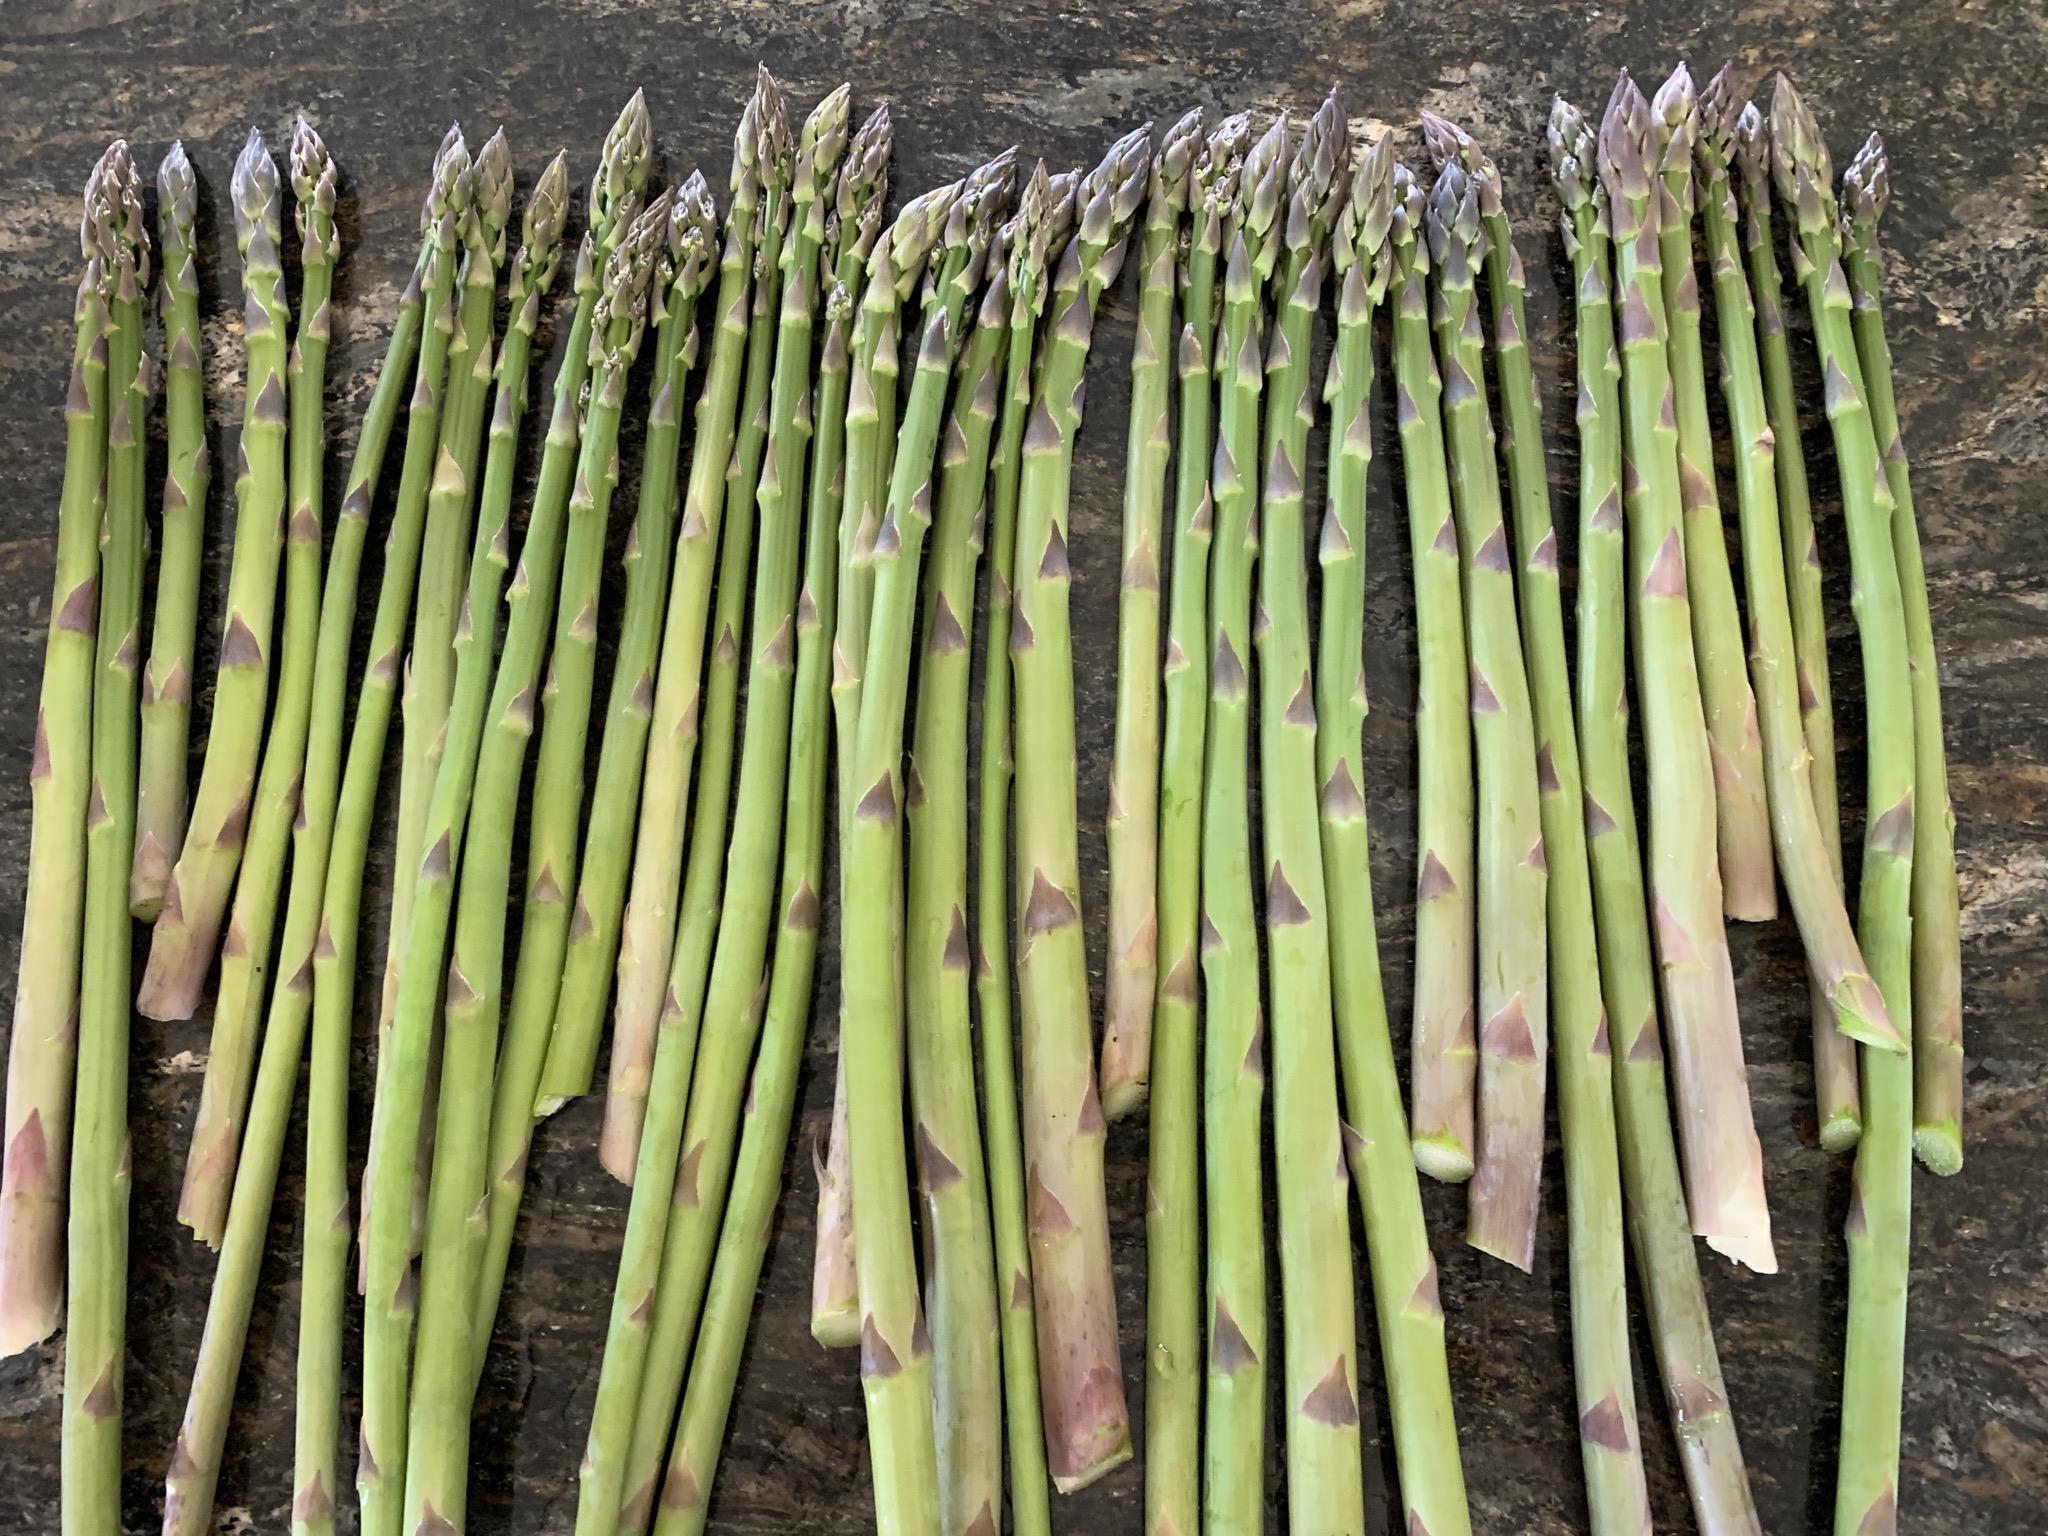 B7DBFE57 D023 442F 83EF 03ADC1A64CC0 How to double or triple your asparagus yield